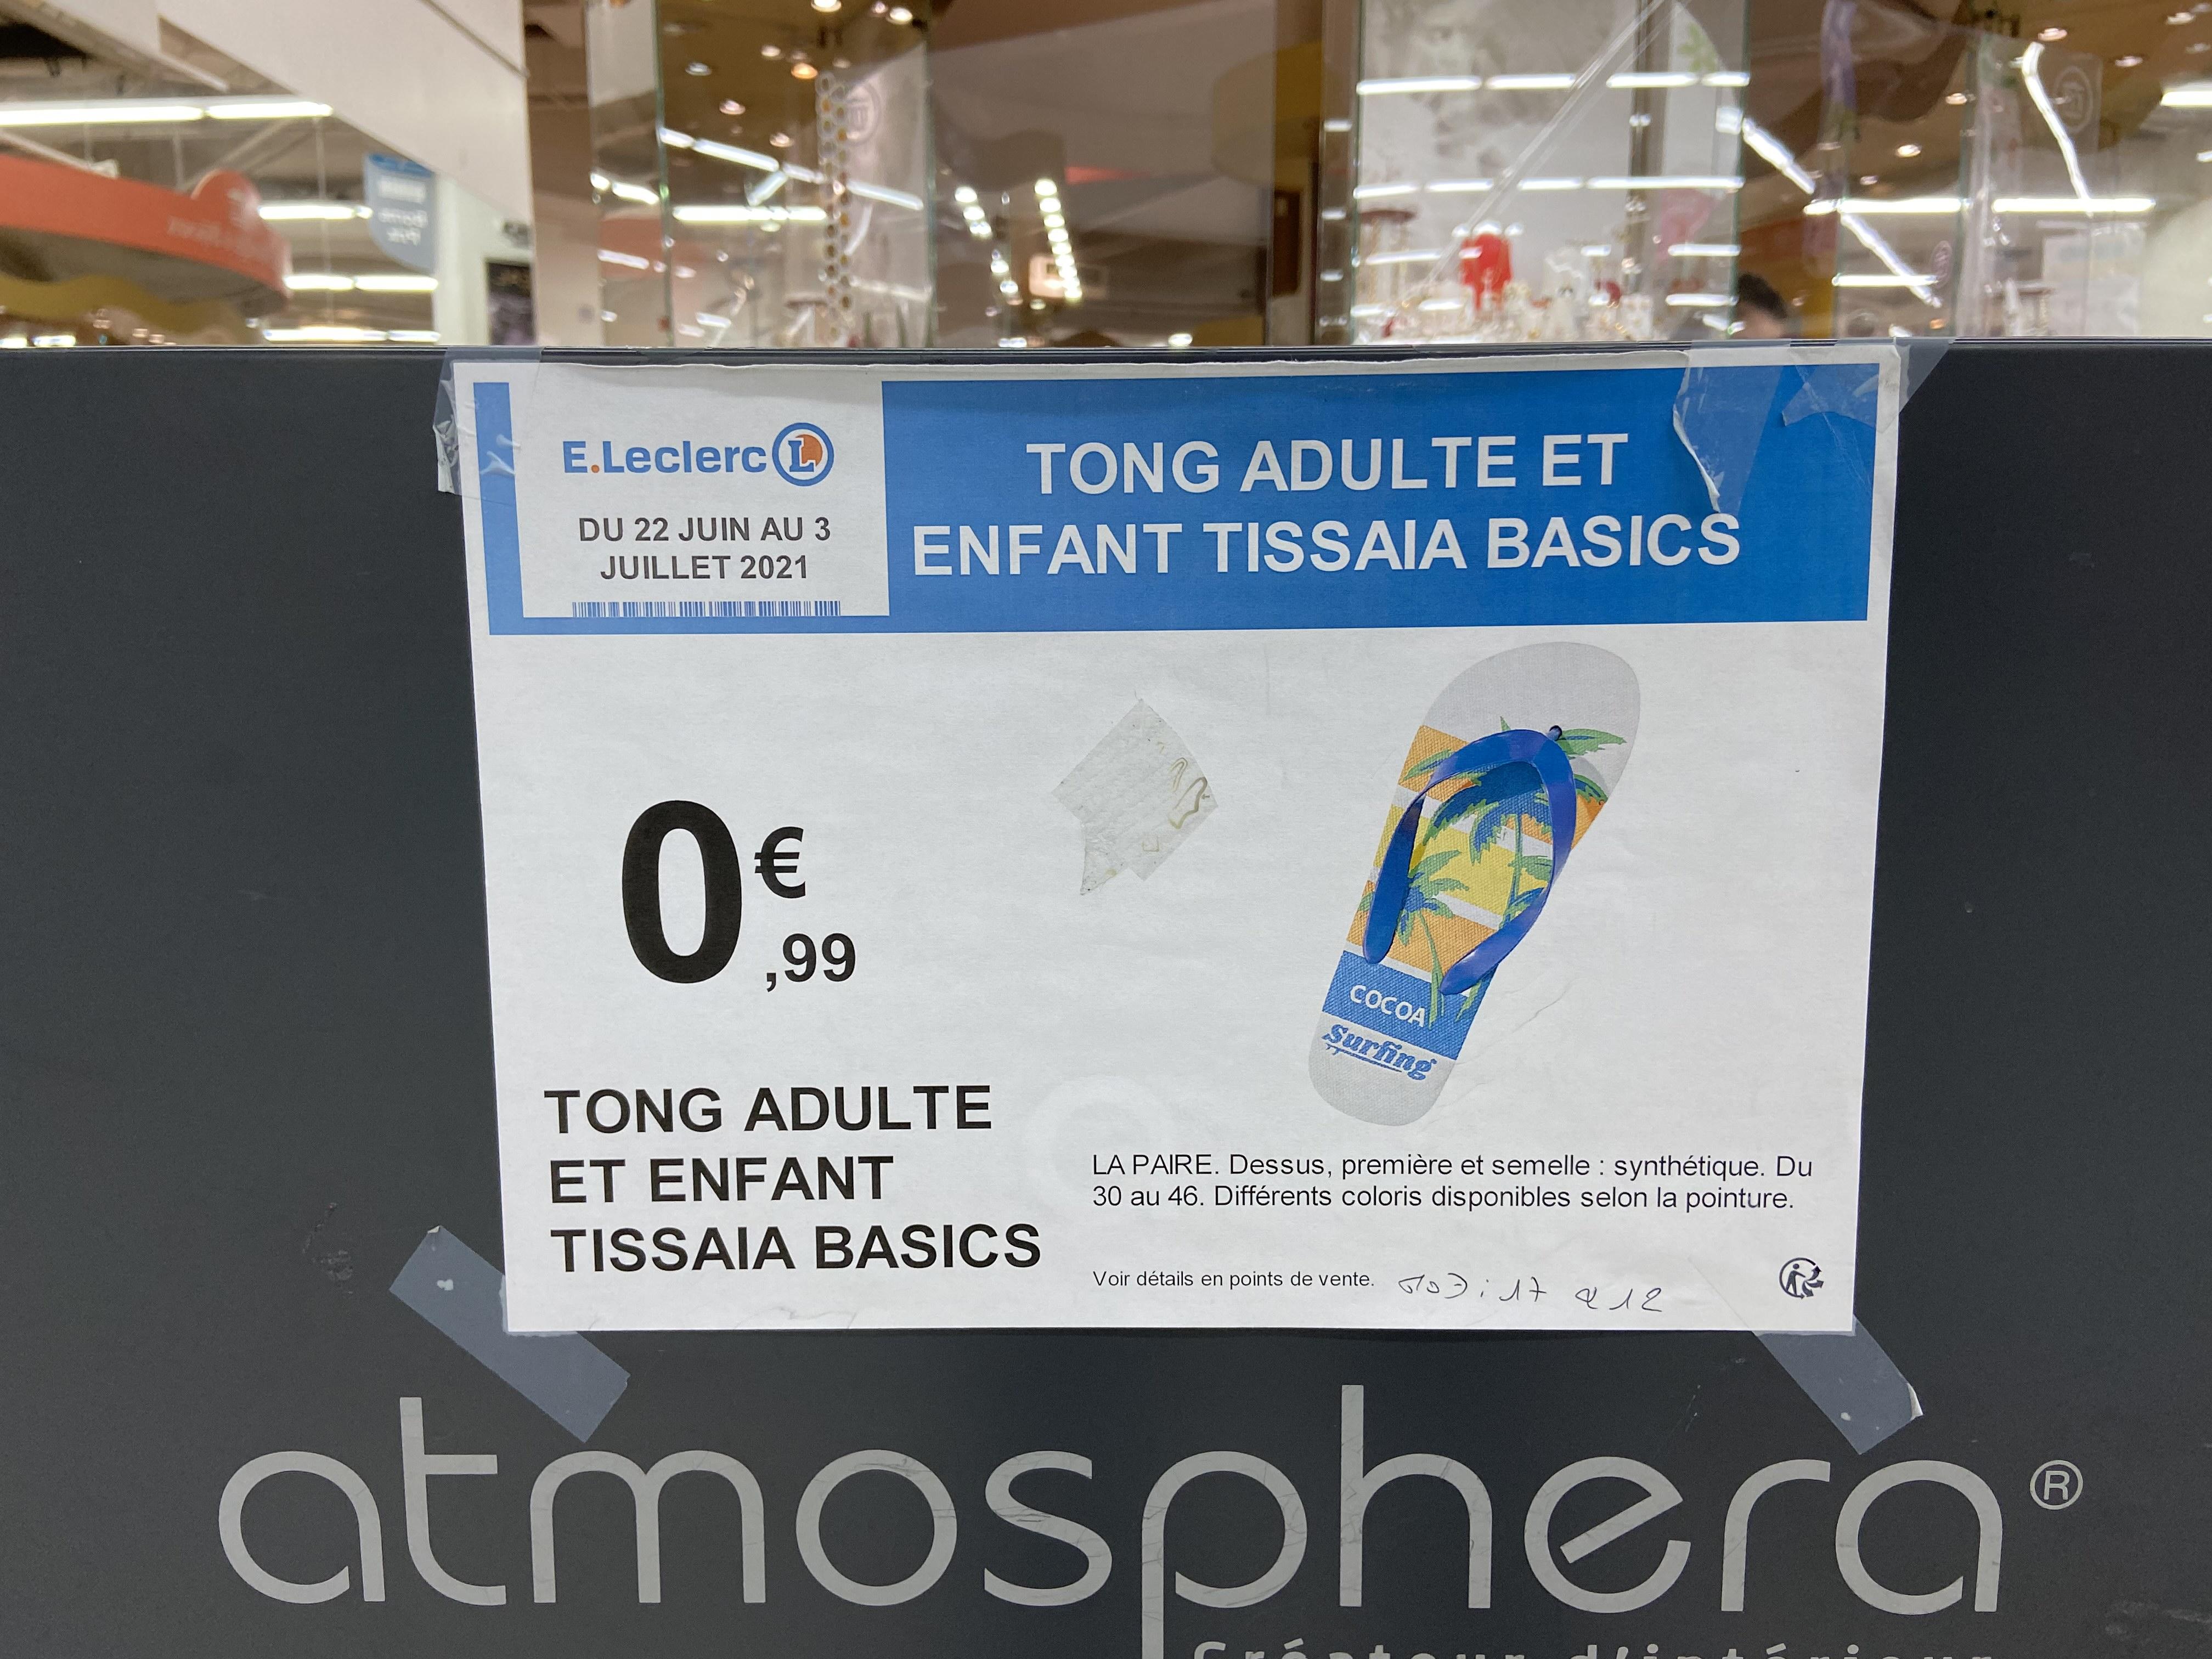 Tongs adulte ou enfant Tissaia Basics - Clichy (92)'